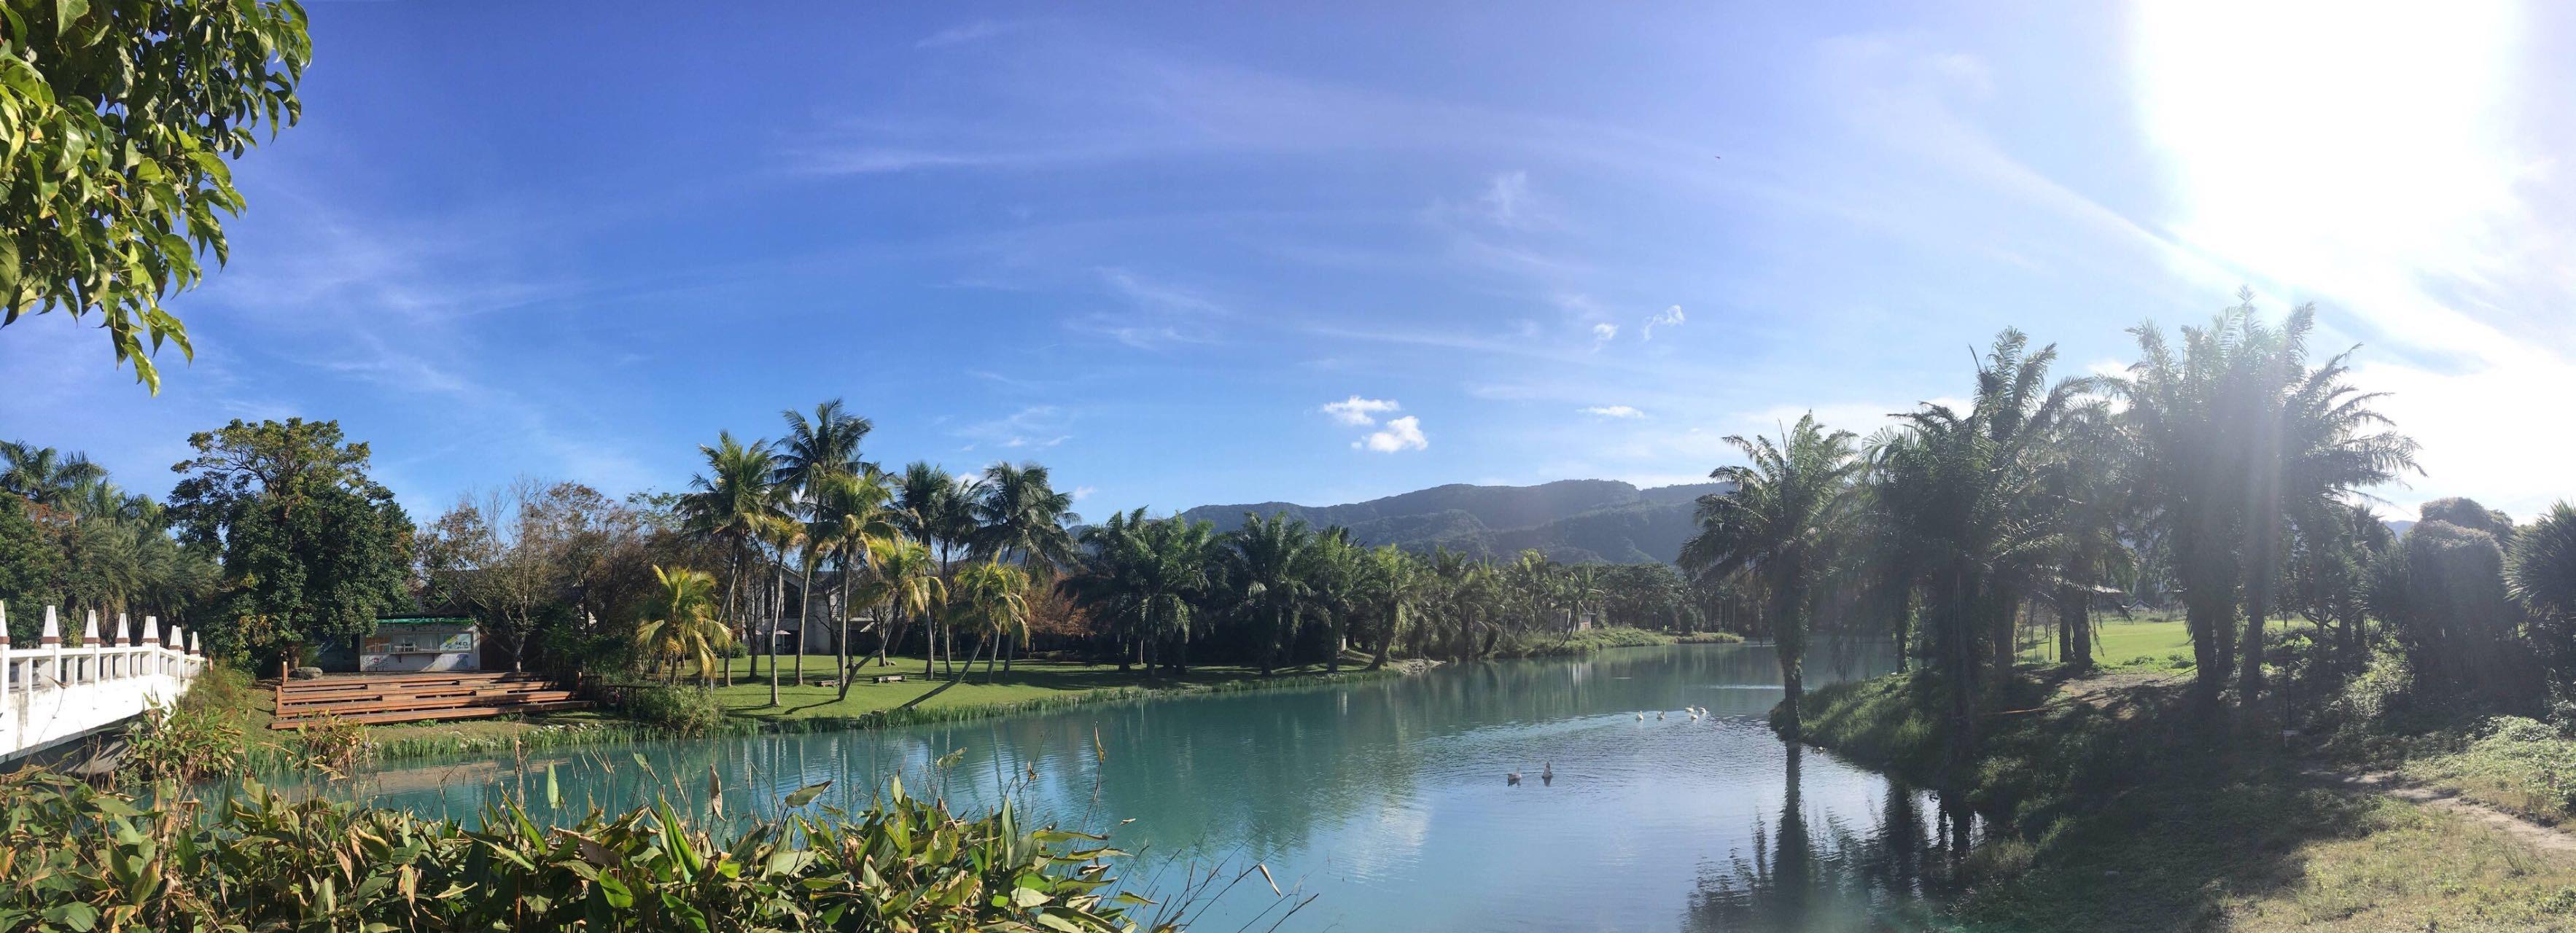 云山水自然生态农庄